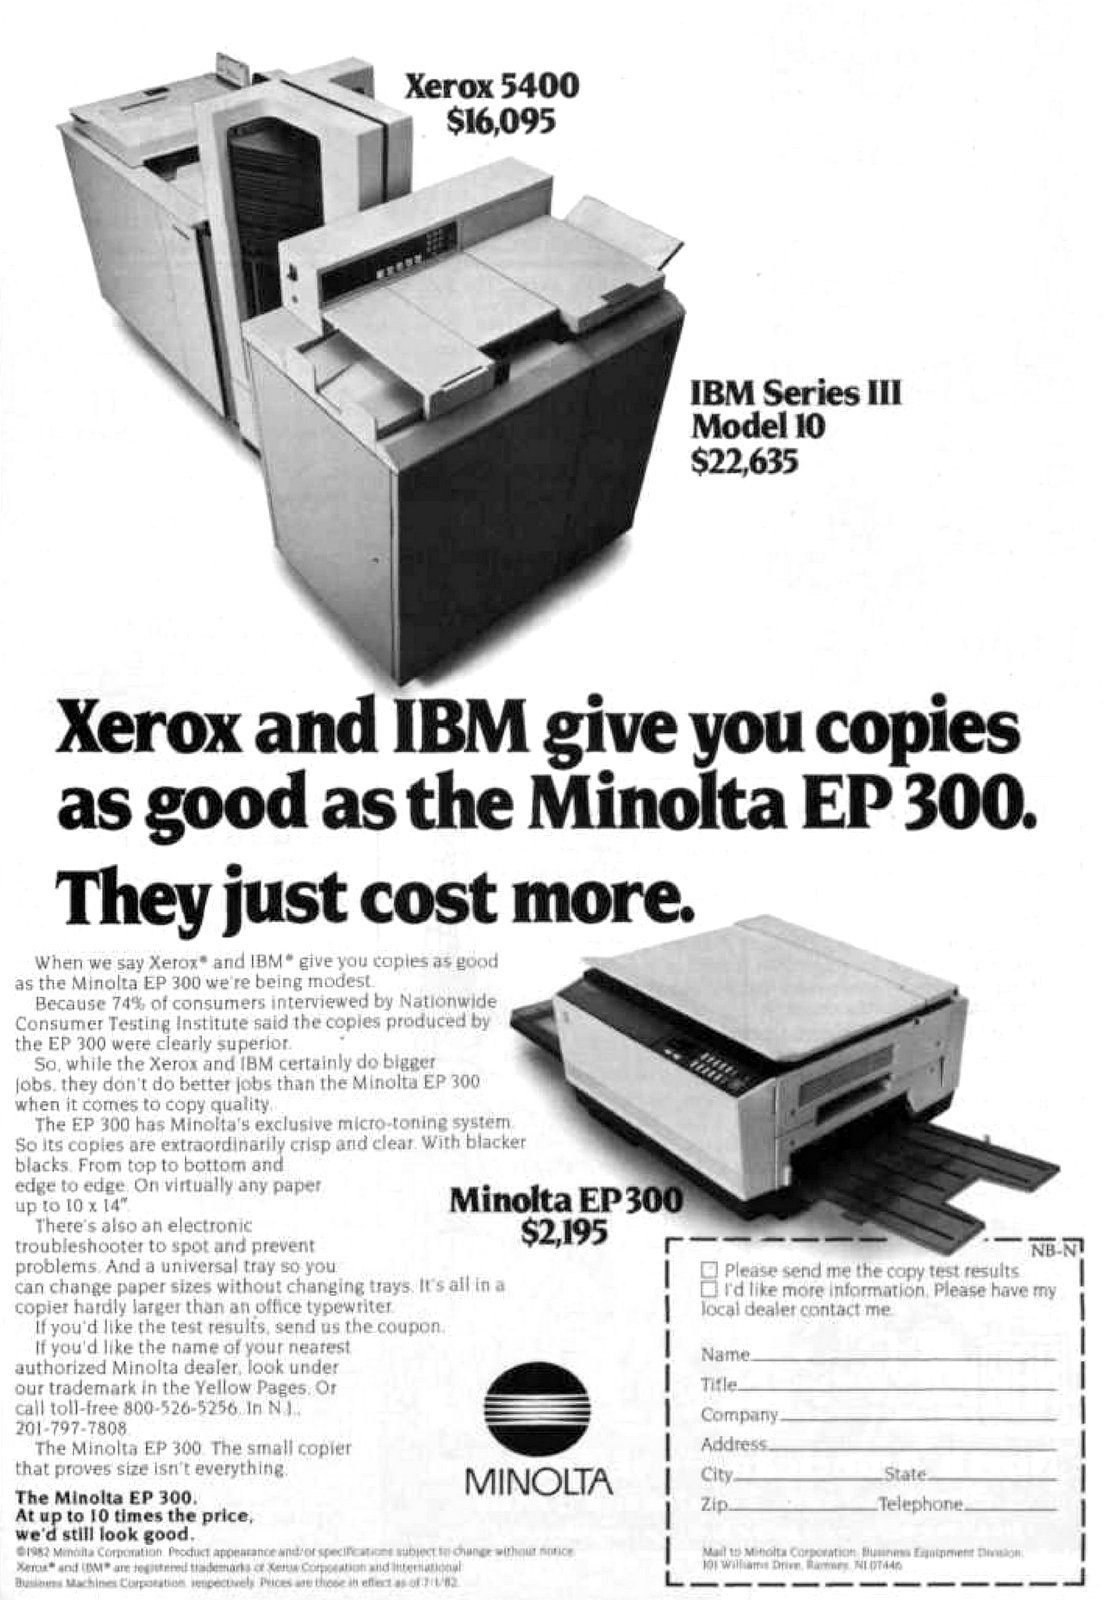 Minolta EP 300 vintage copier (1982)